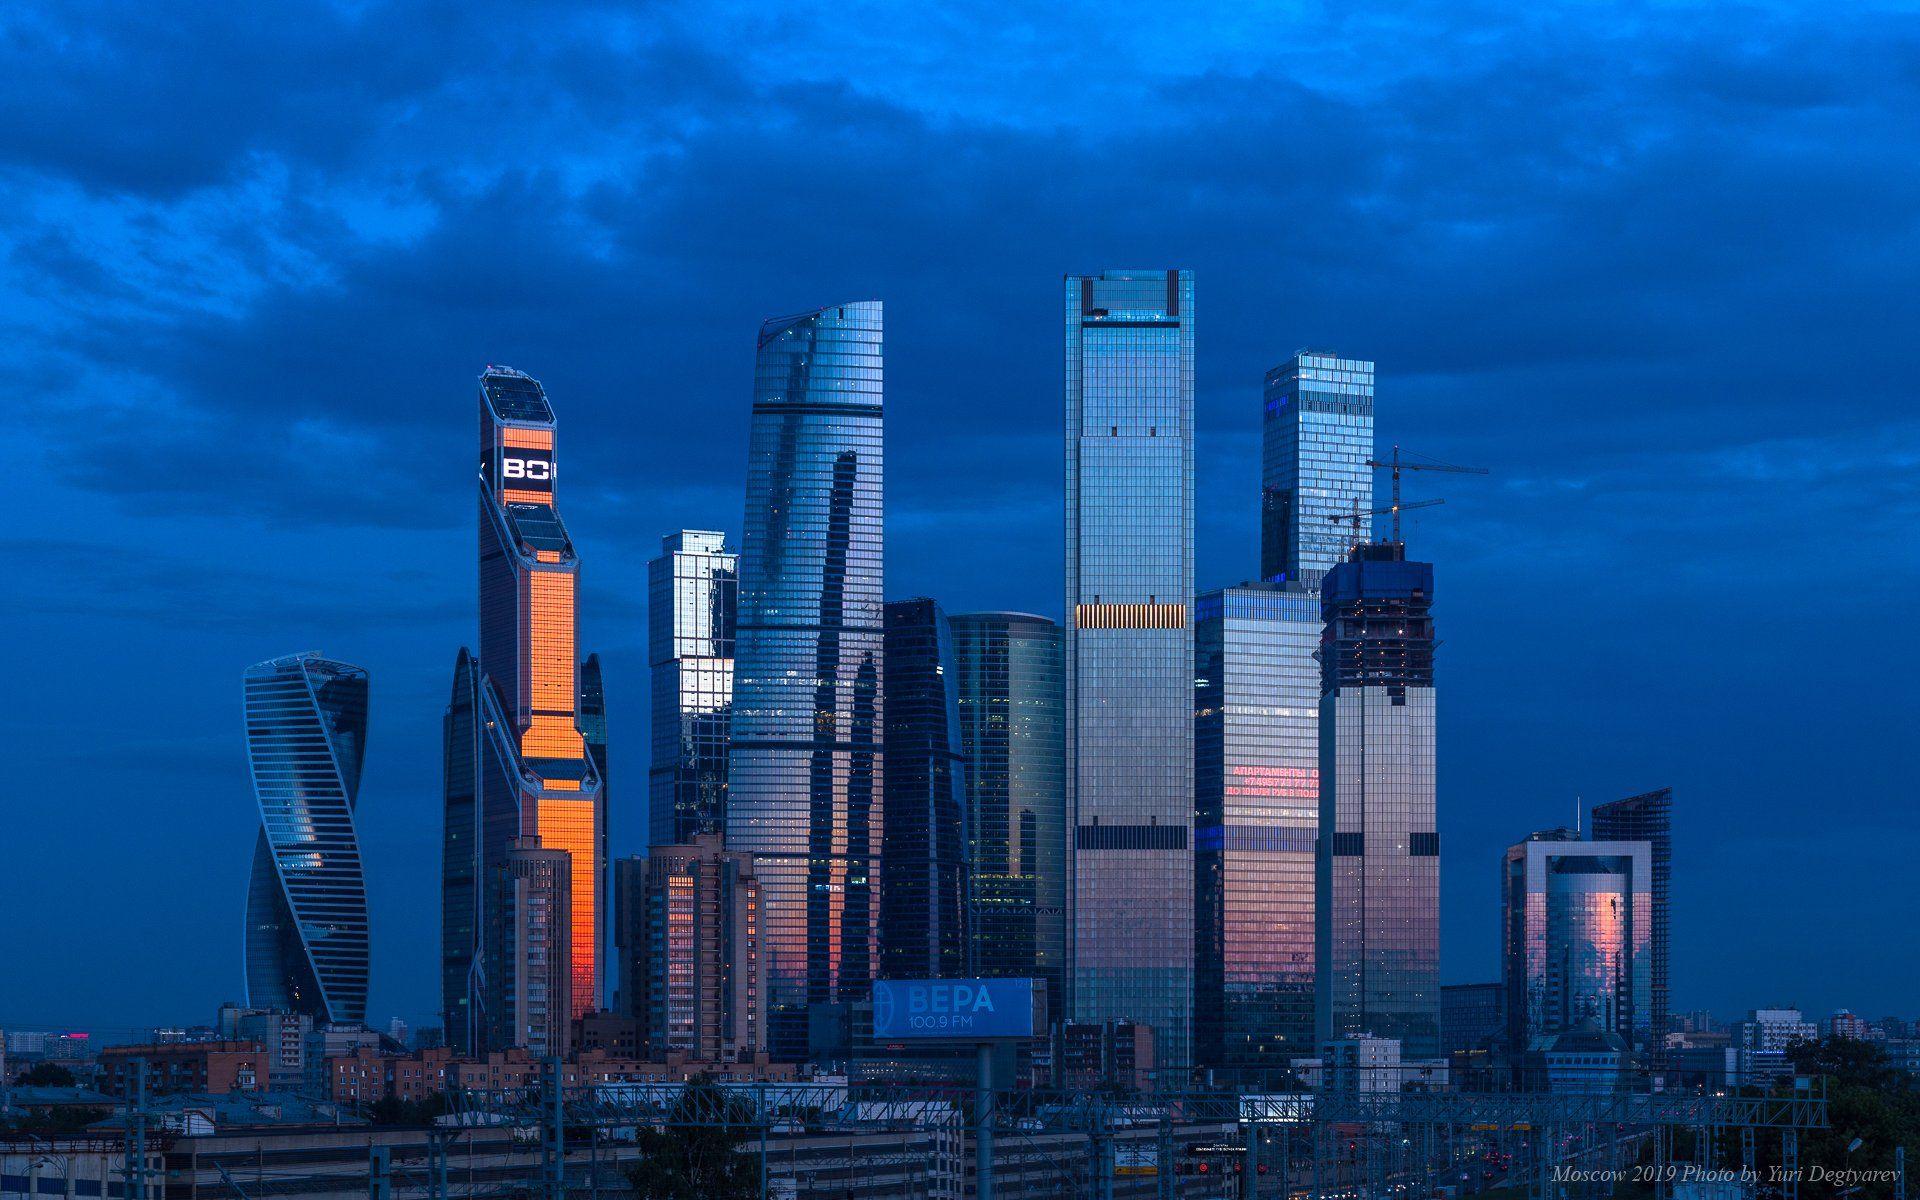 Москва, высотки, небоскребы, Сити, ММДЦ, Москва-Сити, вечер, Юрий Дегтярёв